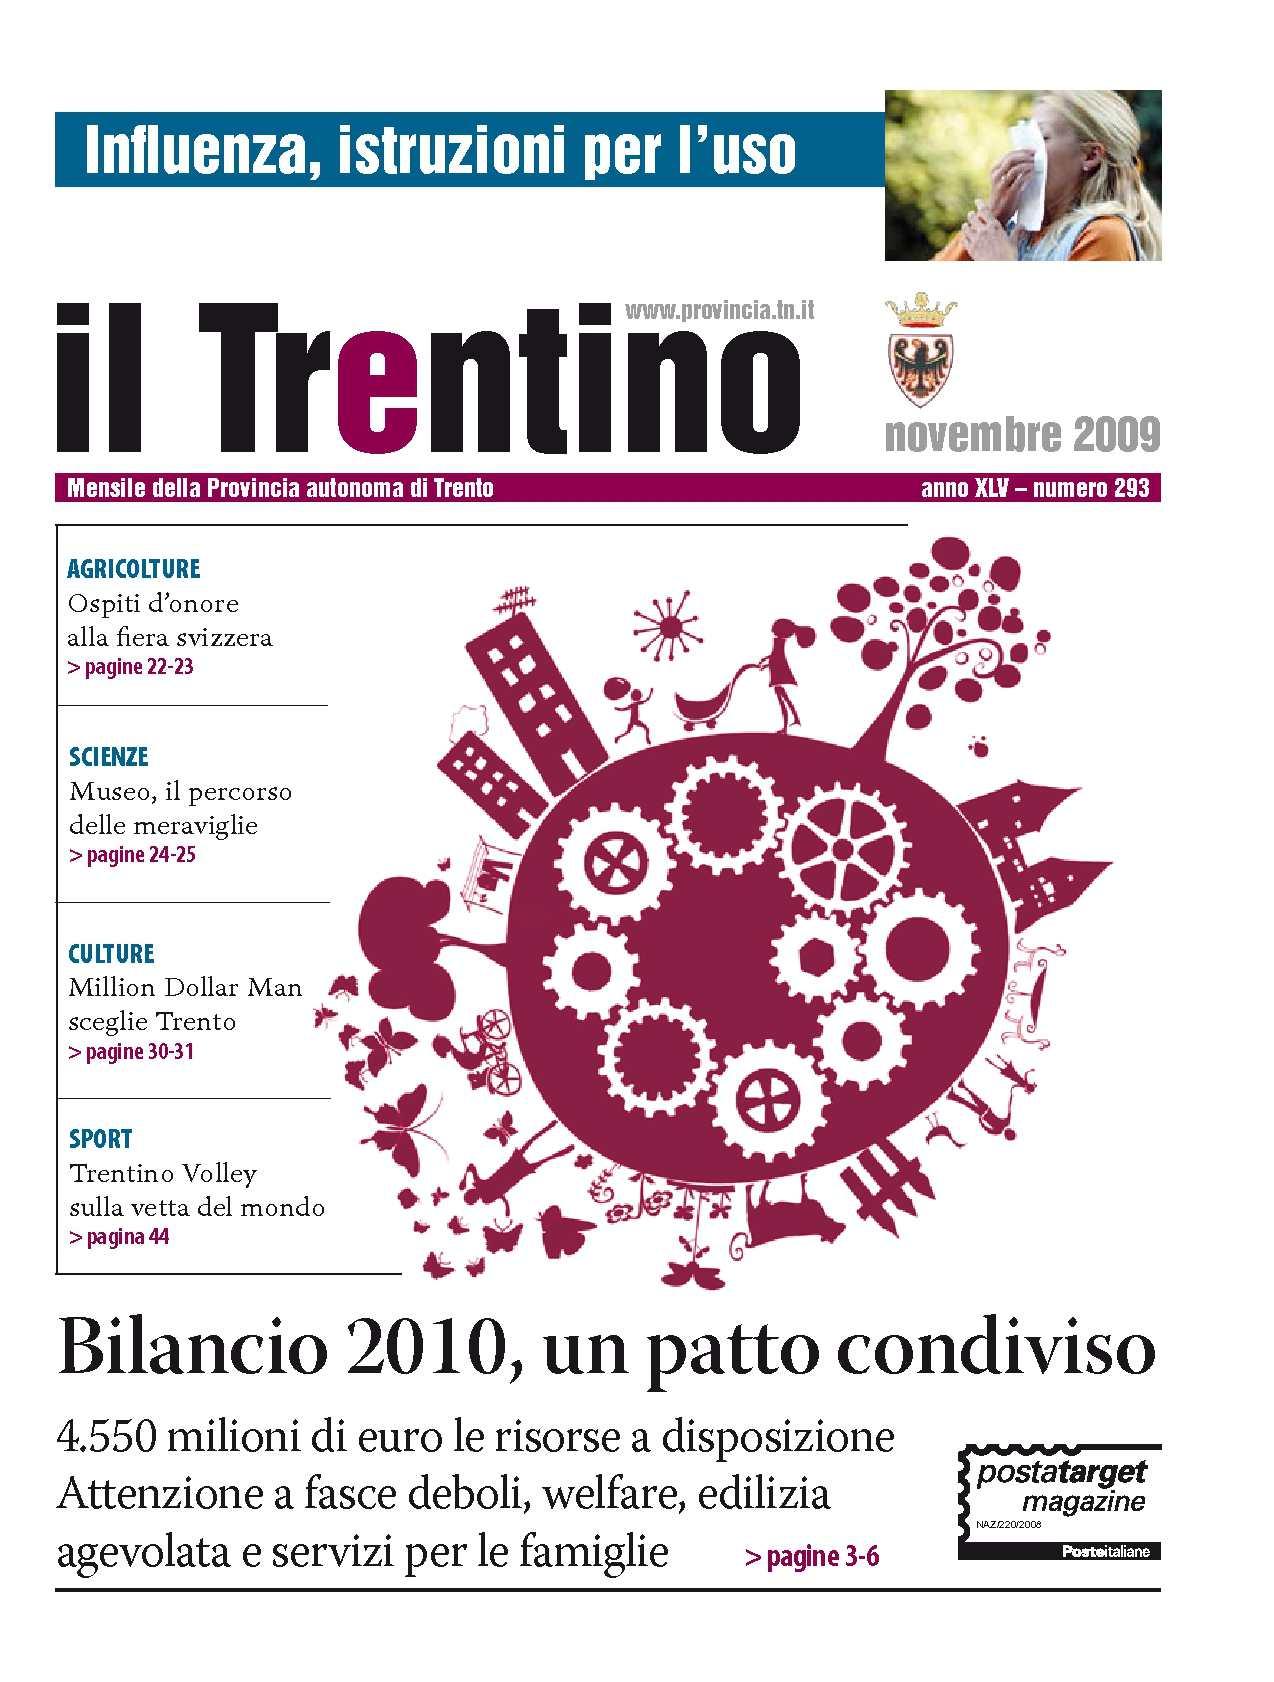 materiale selezionato prezzo competitivo gamma completa di articoli Calaméo - Il Trentino - n. 293 novembre 2009